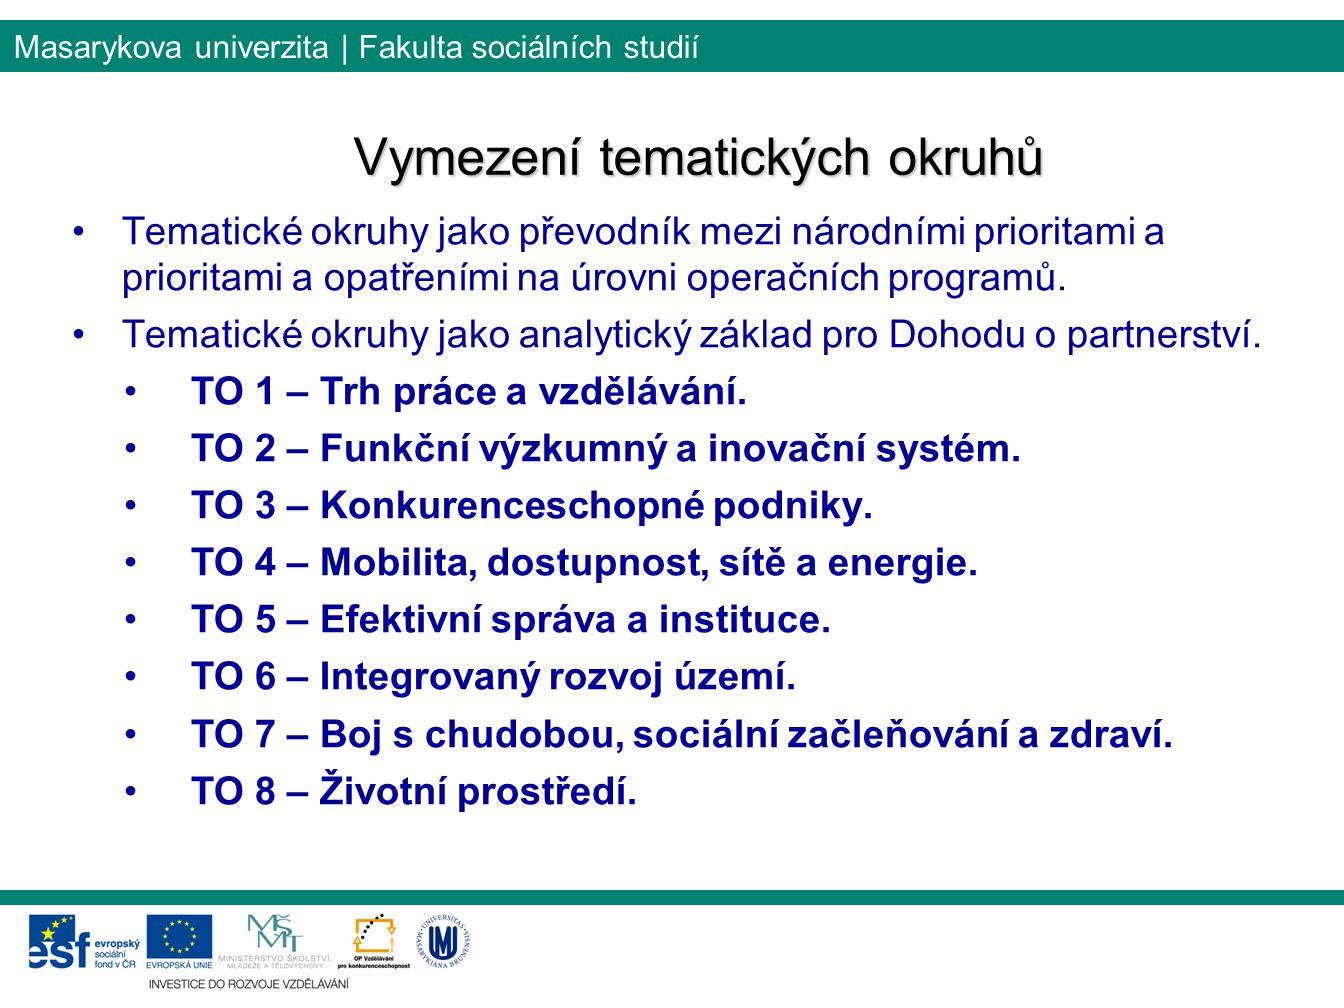 Masarykova univerzita | Fakulta sociálních studií Vymezení tematických okruhů Tematické okruhy jako převodník mezi národními prioritami a prioritami a